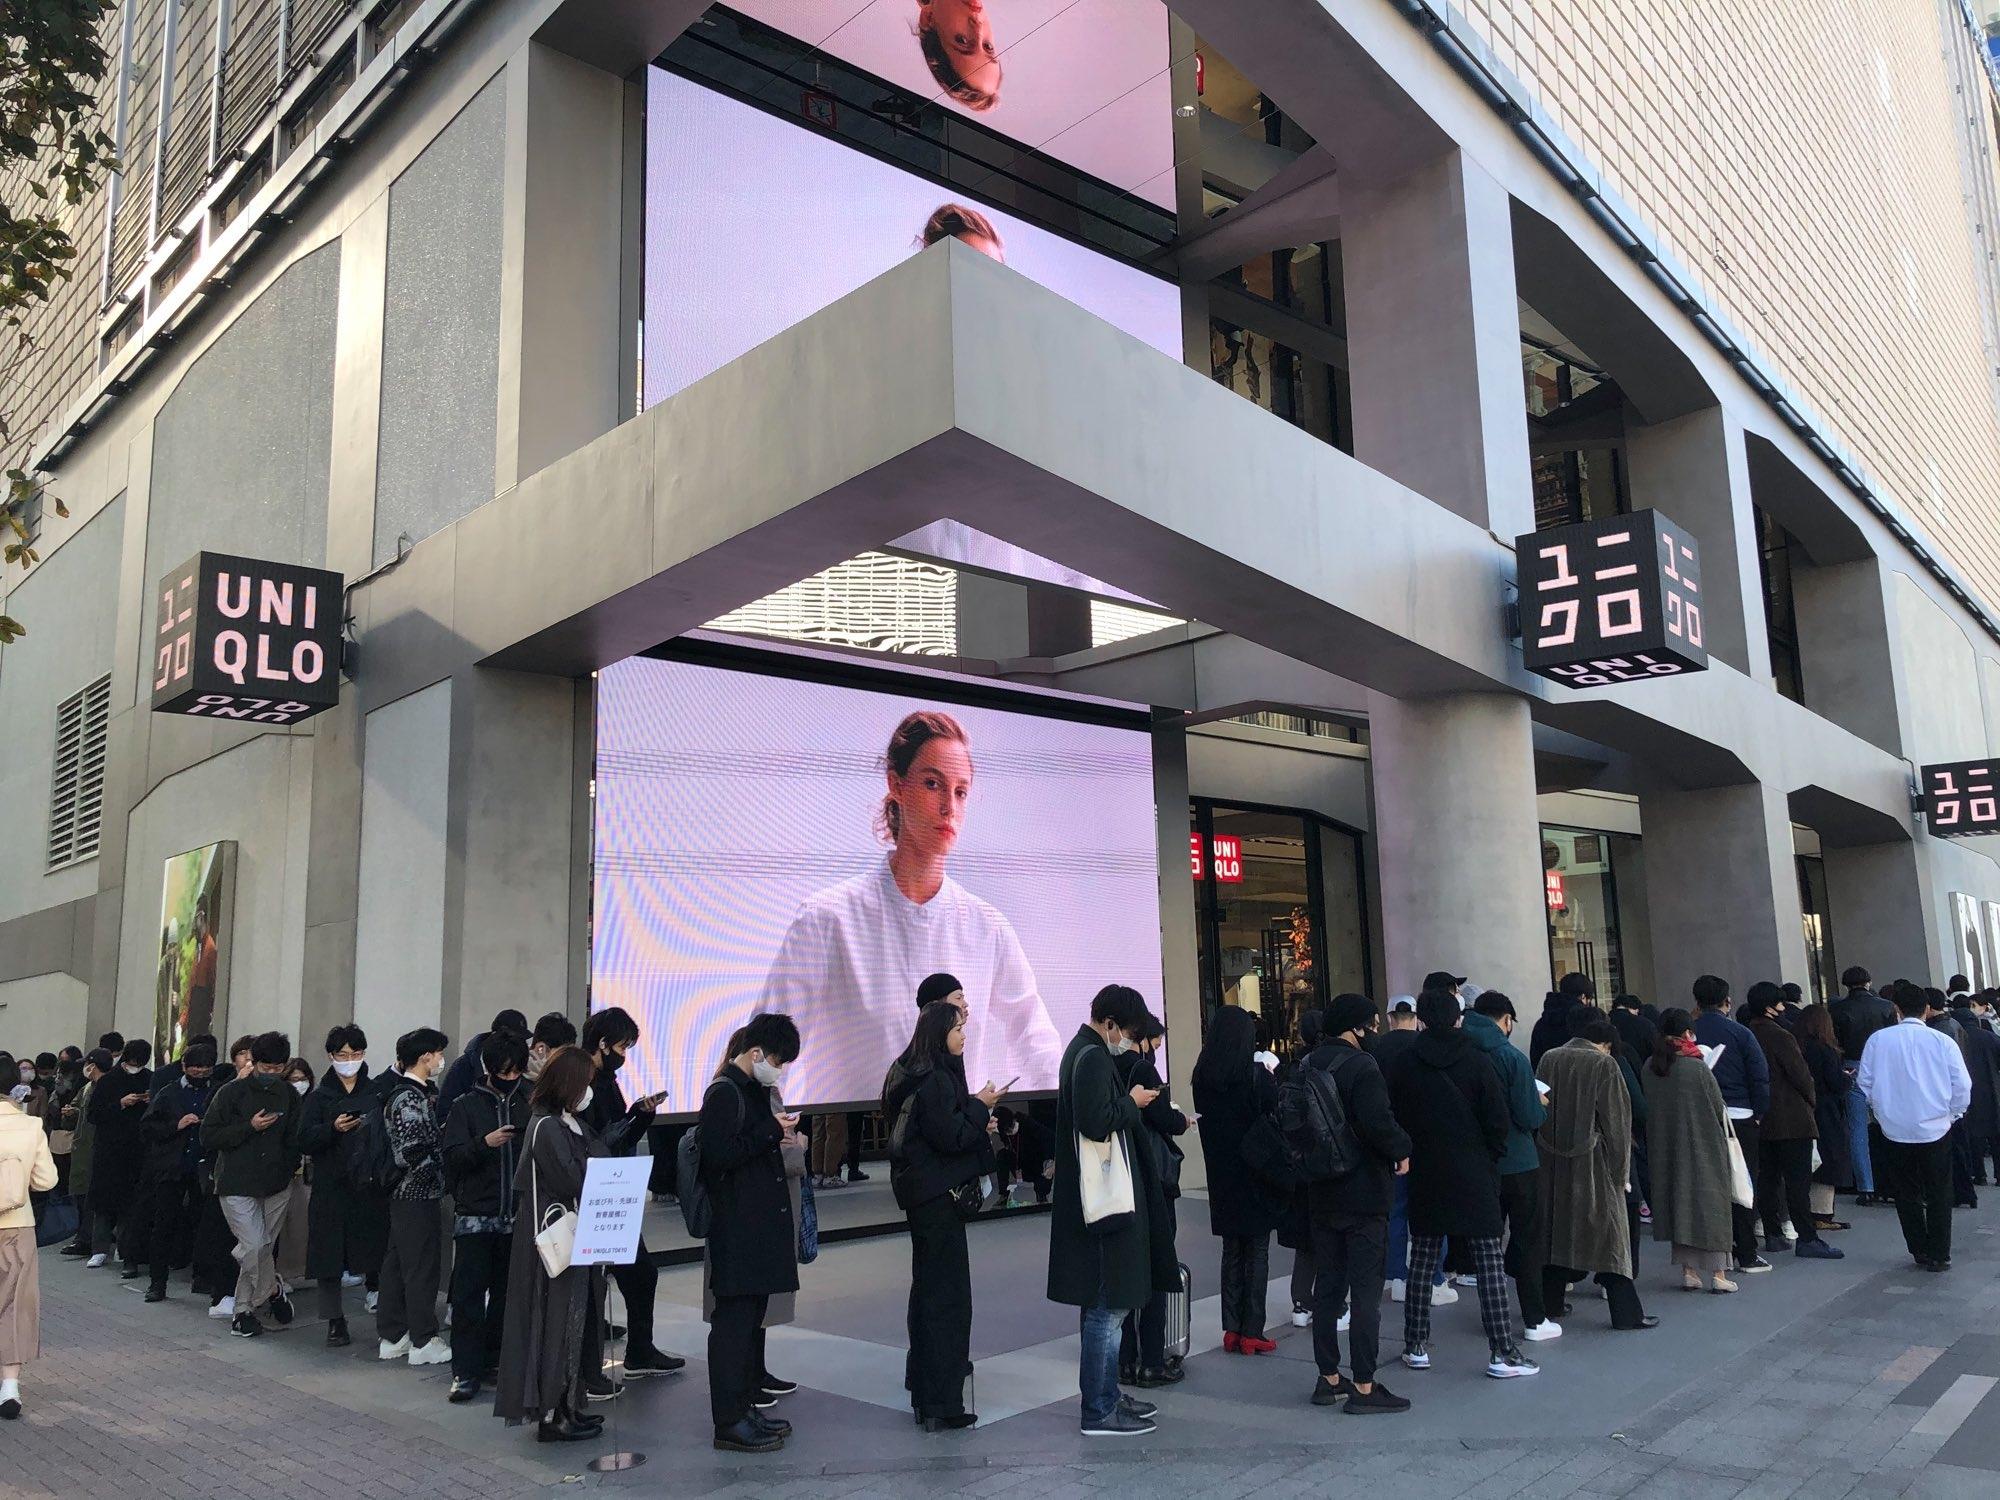 Покупатели разгромили Uniqlo в Токио. В чем причина? - фото №1